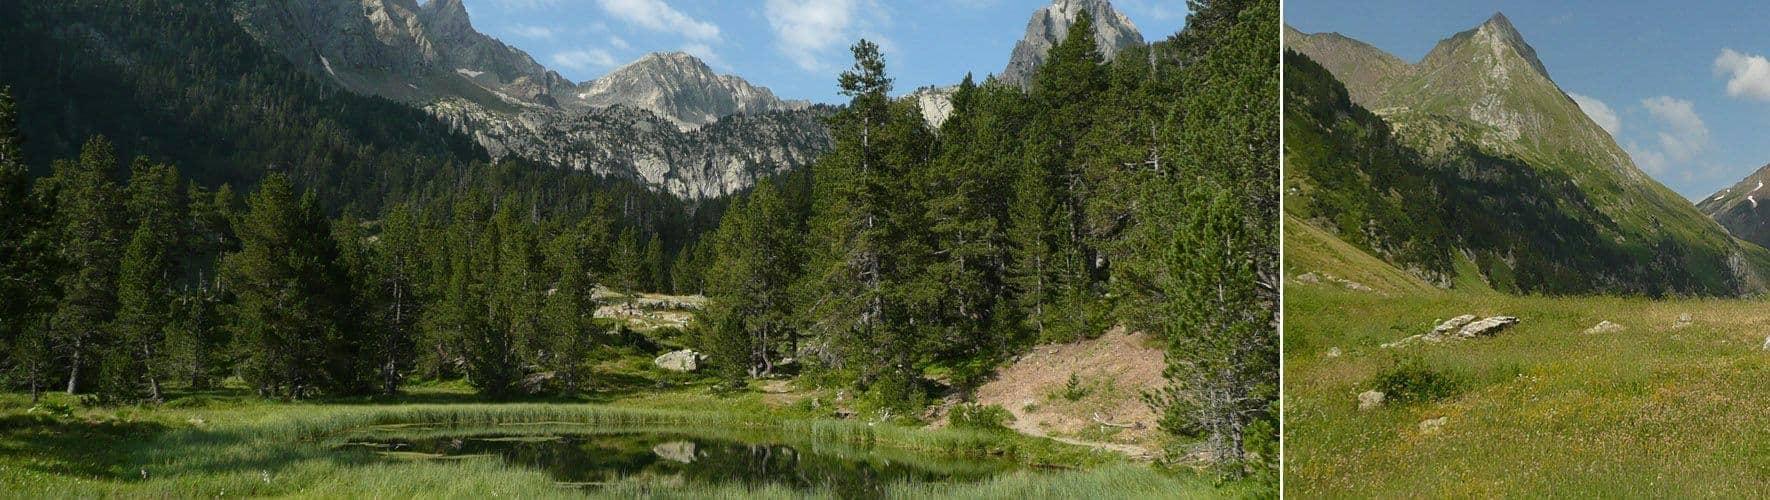 Excursion de Batisielles al refugio de Estos